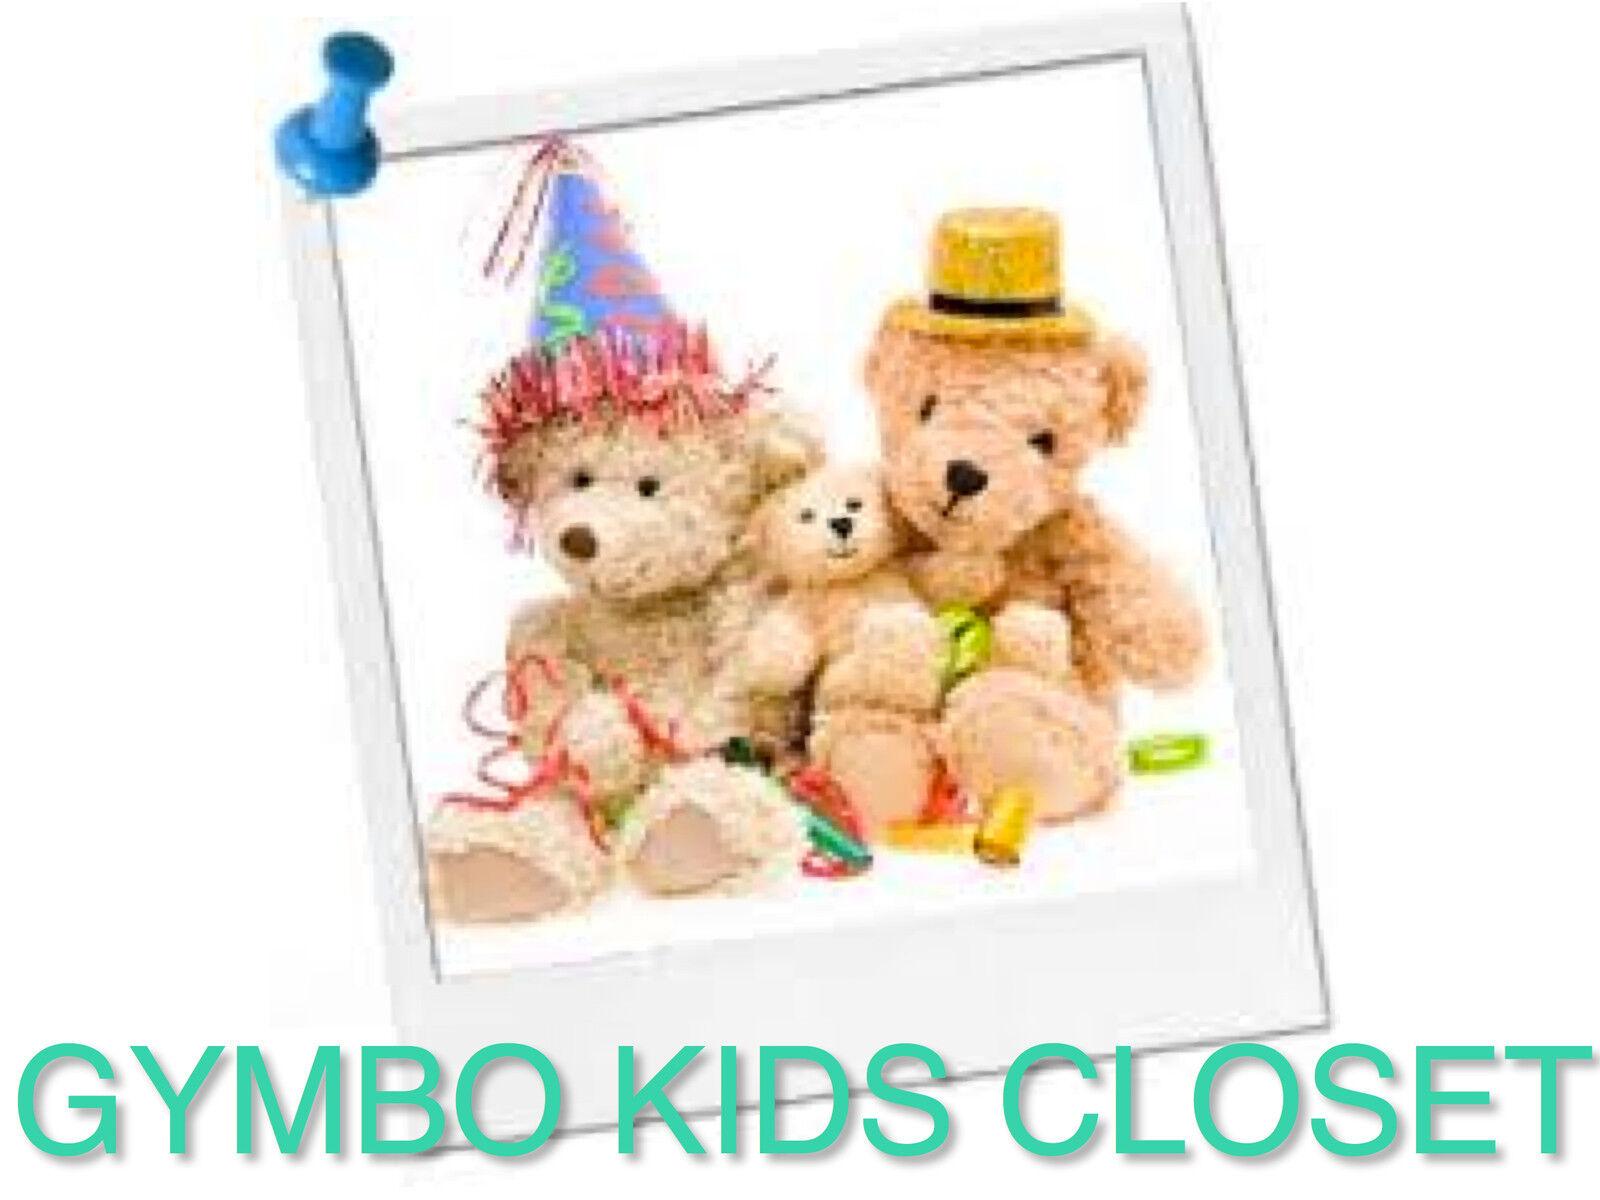 Gymbo Kids Closet